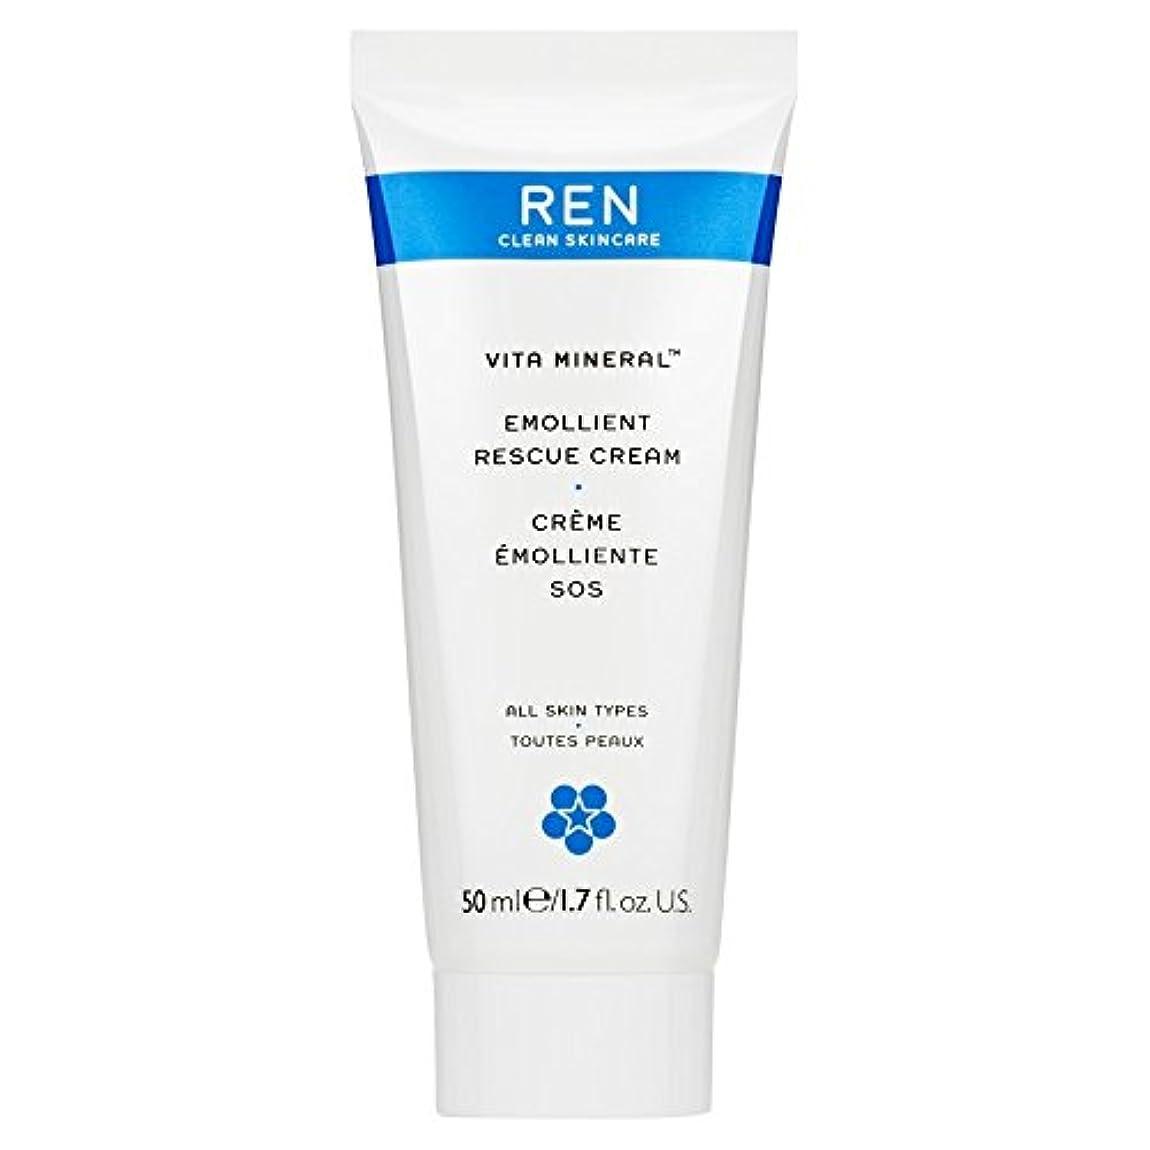 セメントビットイヤホンRenヴィータミネラルレスキュークリーム、50ミリリットル (REN) (x2) - REN Vita Mineral Rescue Cream, 50ml (Pack of 2) [並行輸入品]